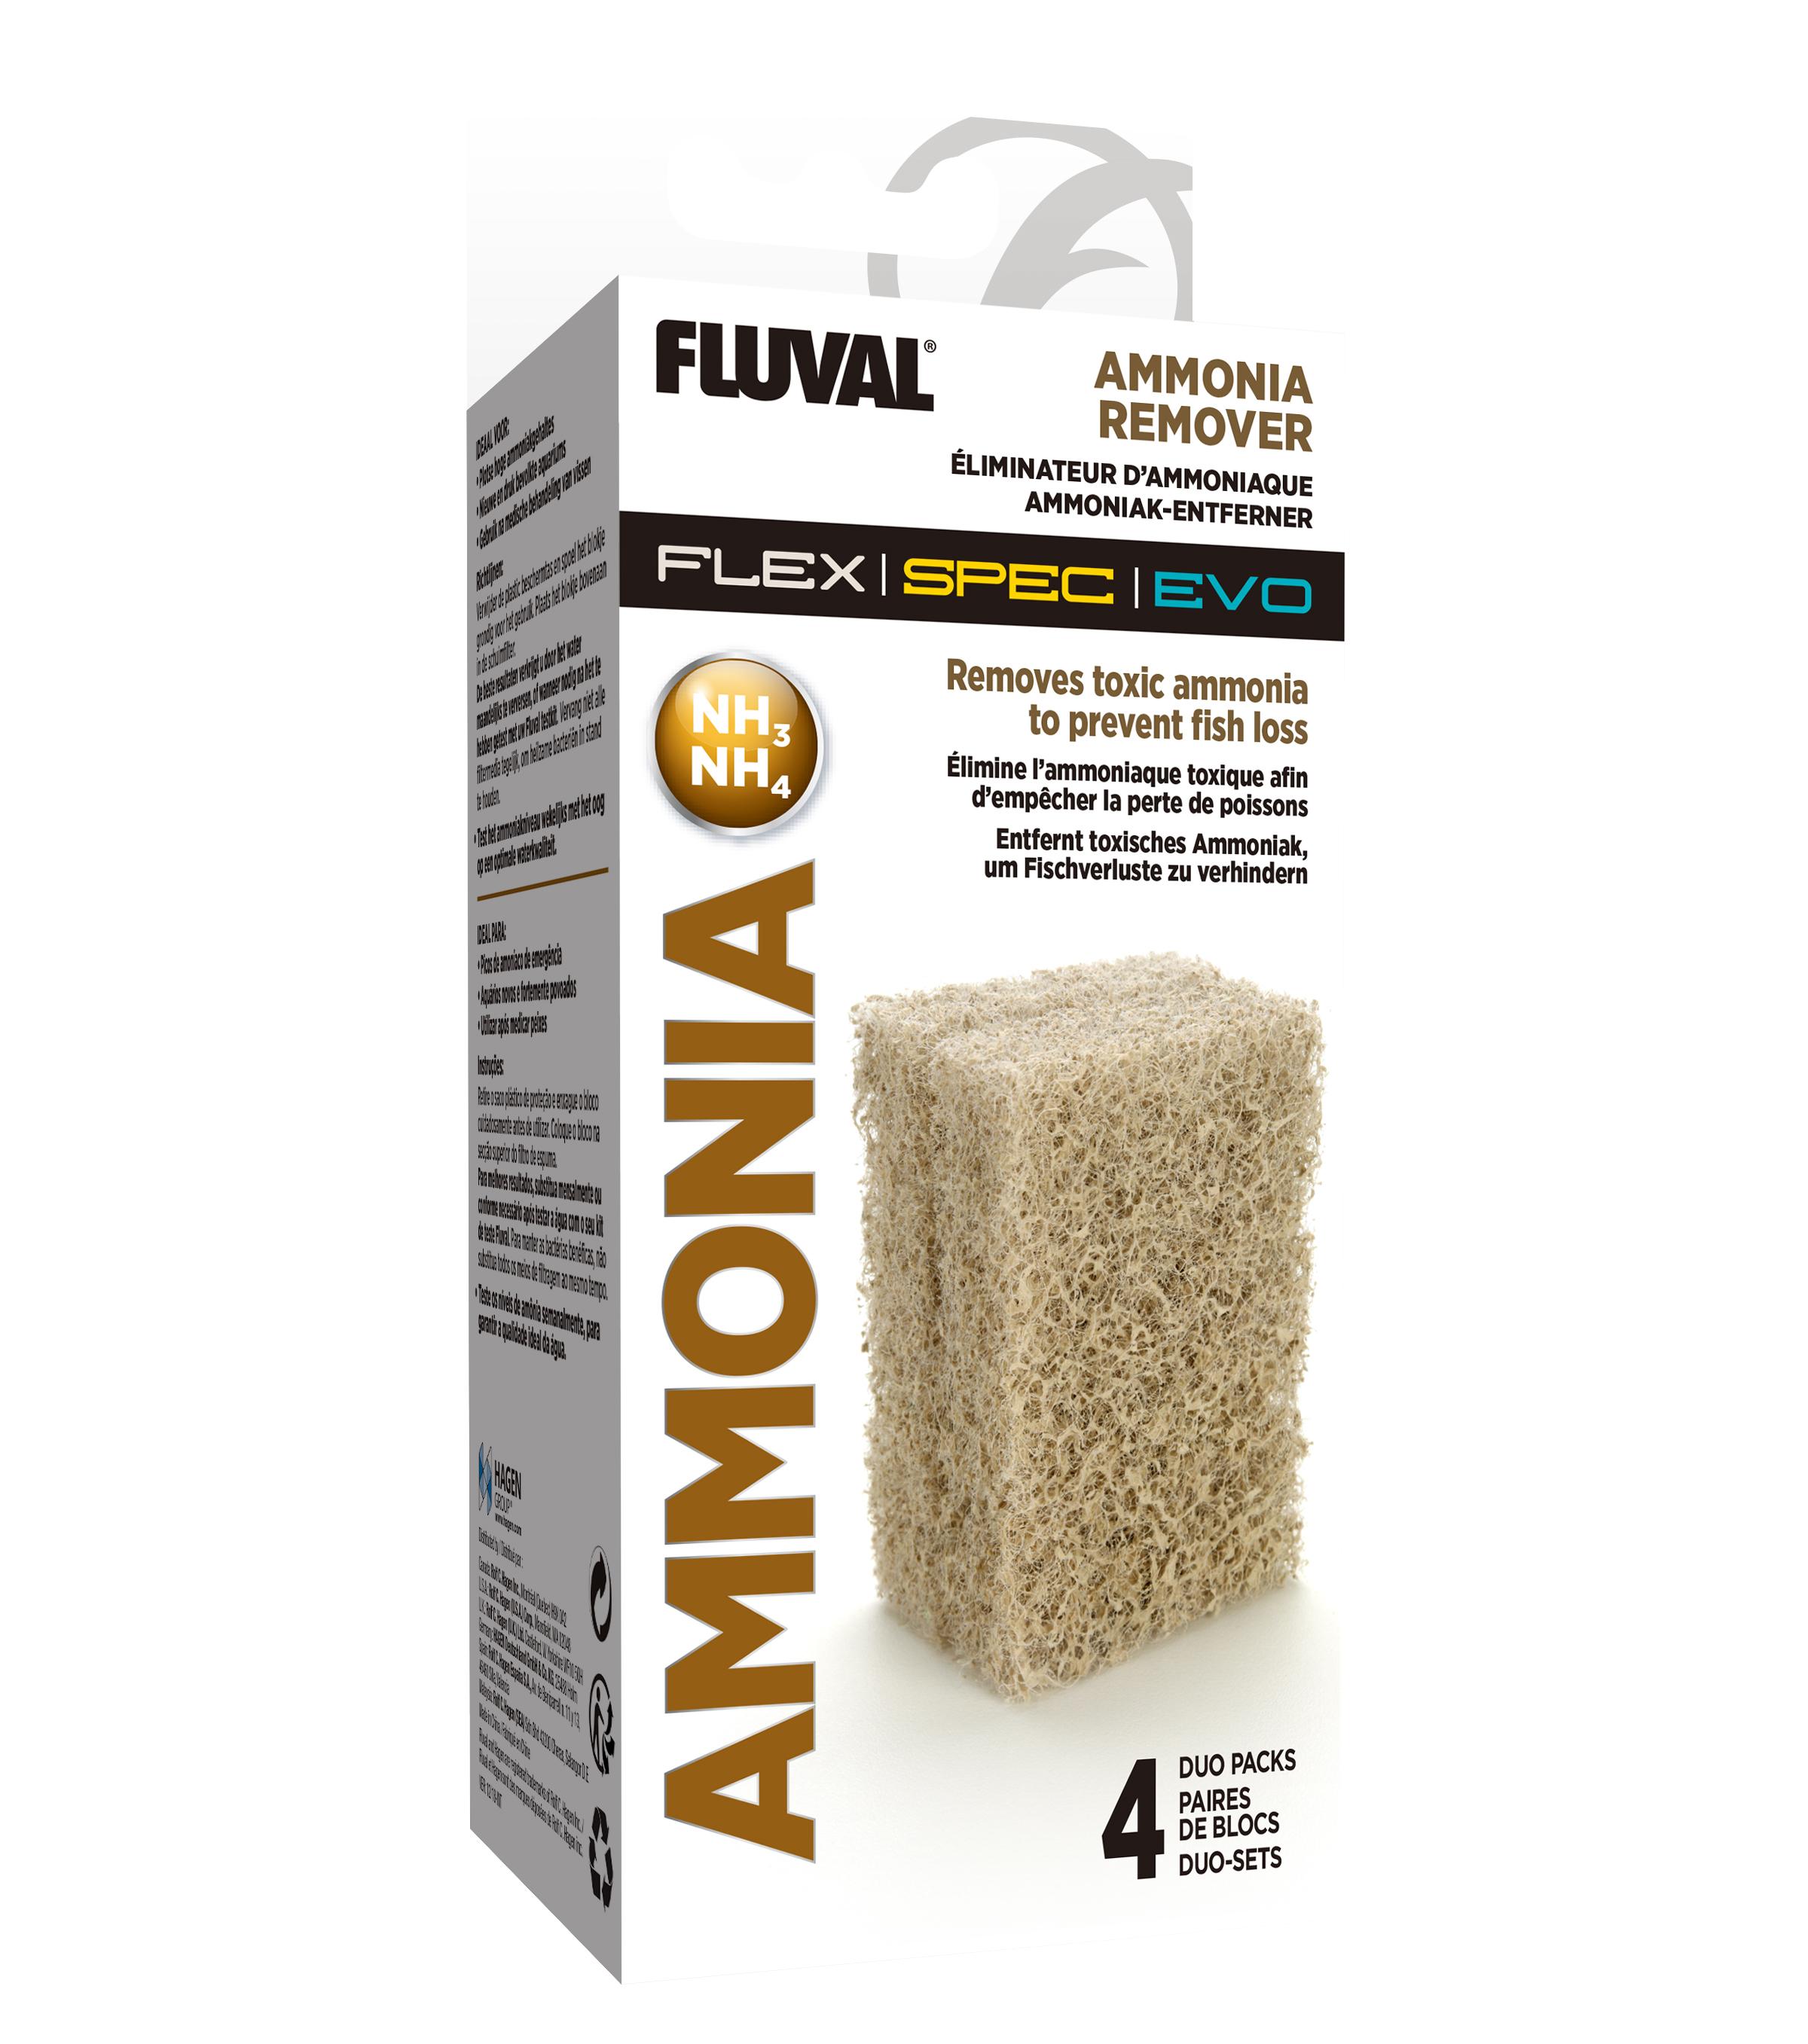 1023 Aq Fl Spec Flex Evo Media Insert Ammonia